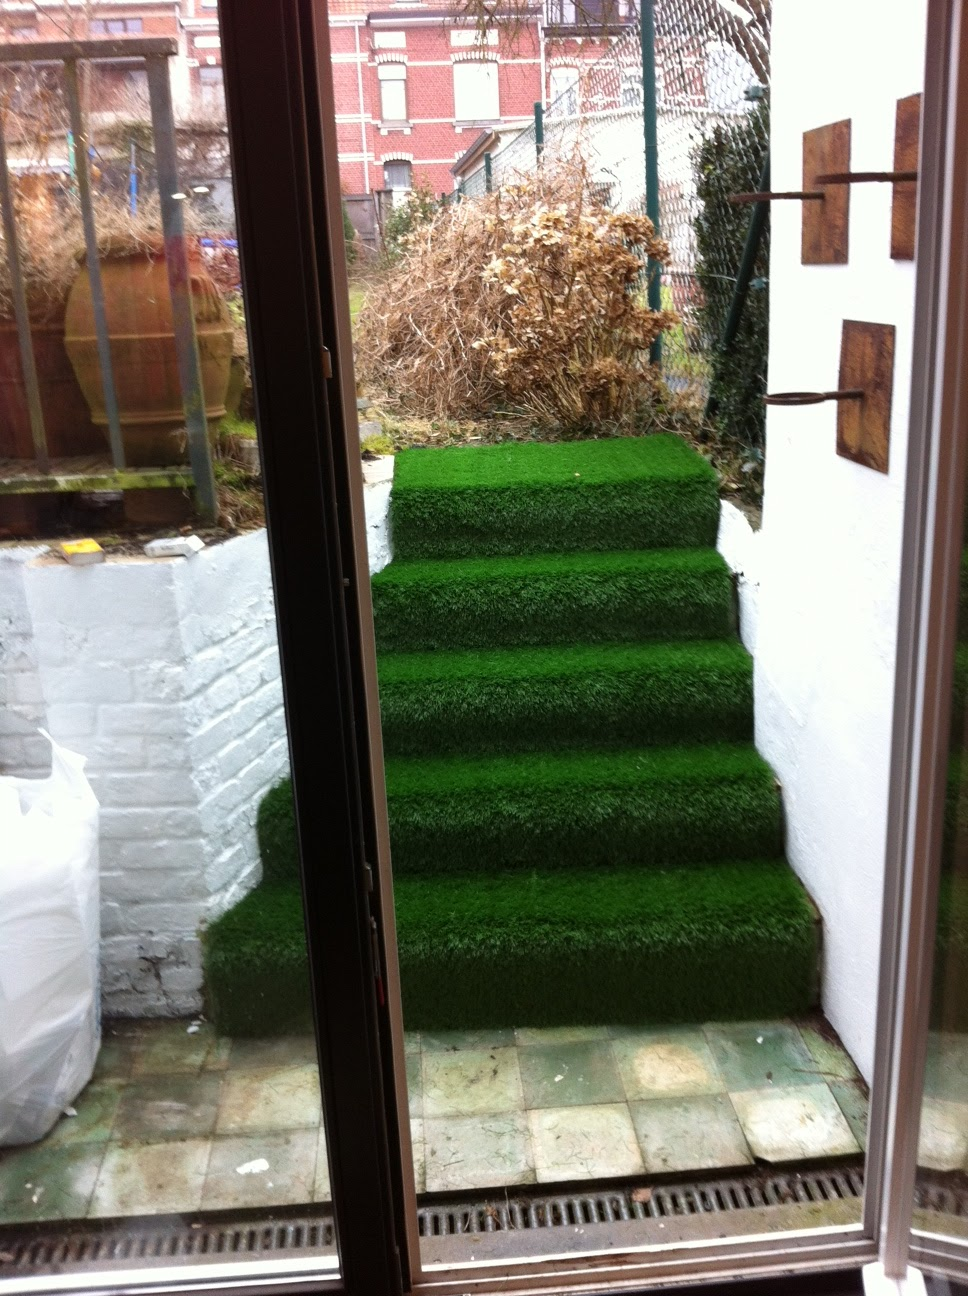 Escalier en gazon synthétique